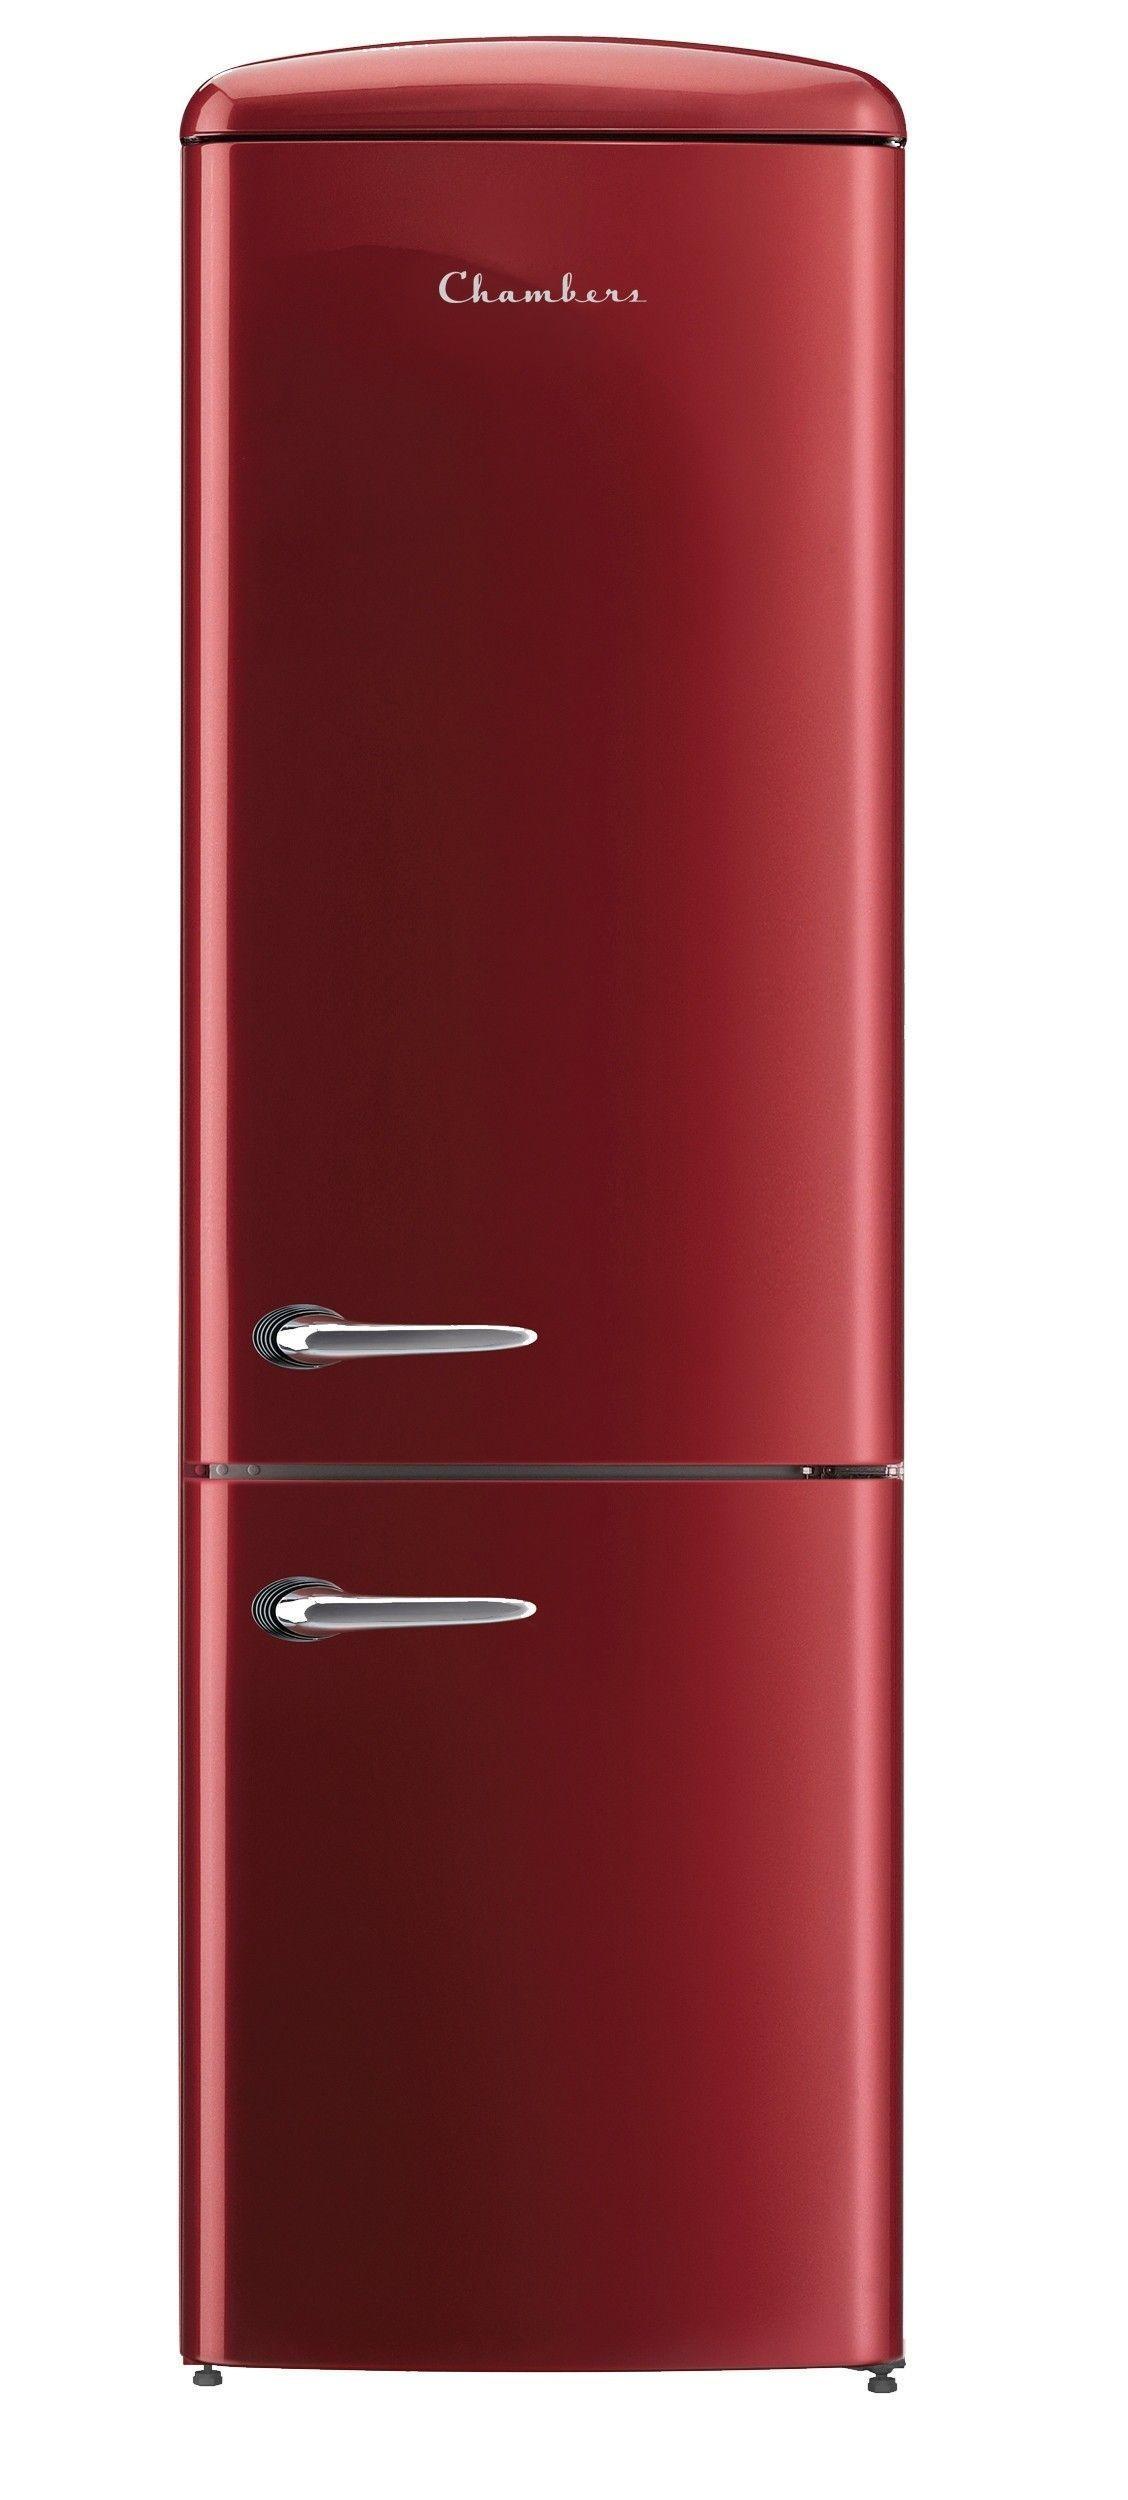 Retro Bordeaux 12 Cu Ft Bottom Freezer Refrigerator Energy Star Retrohomedecor Retro Home Decor Diy Kitchen Decor Retro Refrigerator